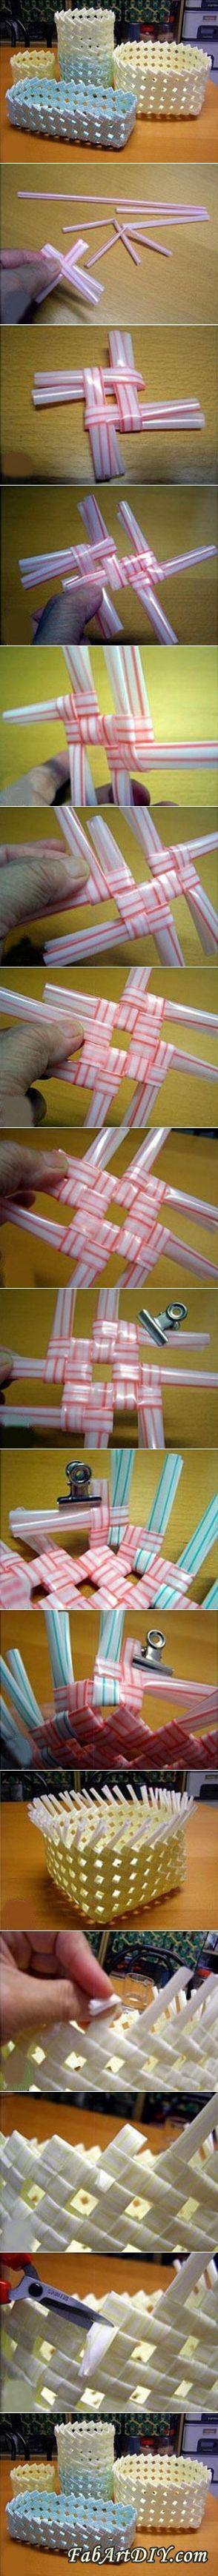 Cómo hacer cestas para detalles con pajitas de pica pica - ManualidadesGratis.es